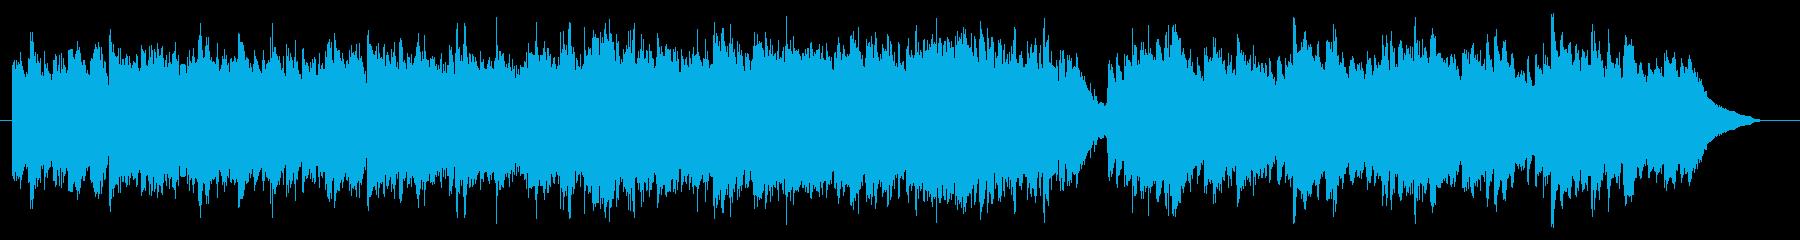 ピアノとストリングス/叙情系バラード曲の再生済みの波形